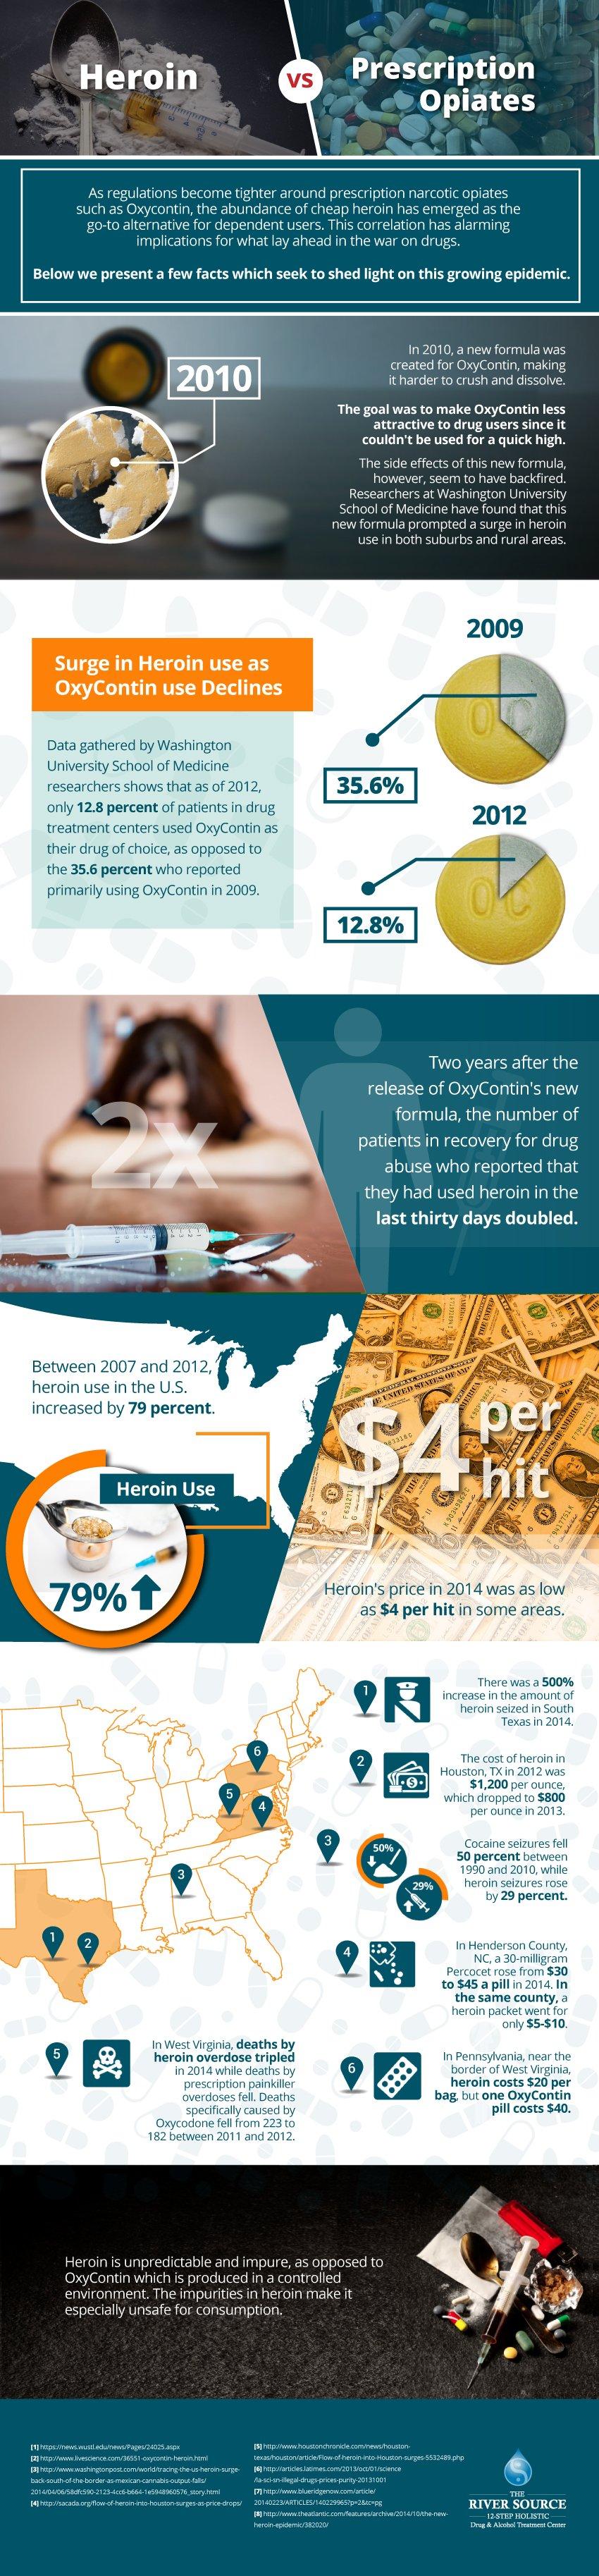 Heroin vs Prescription Opiates